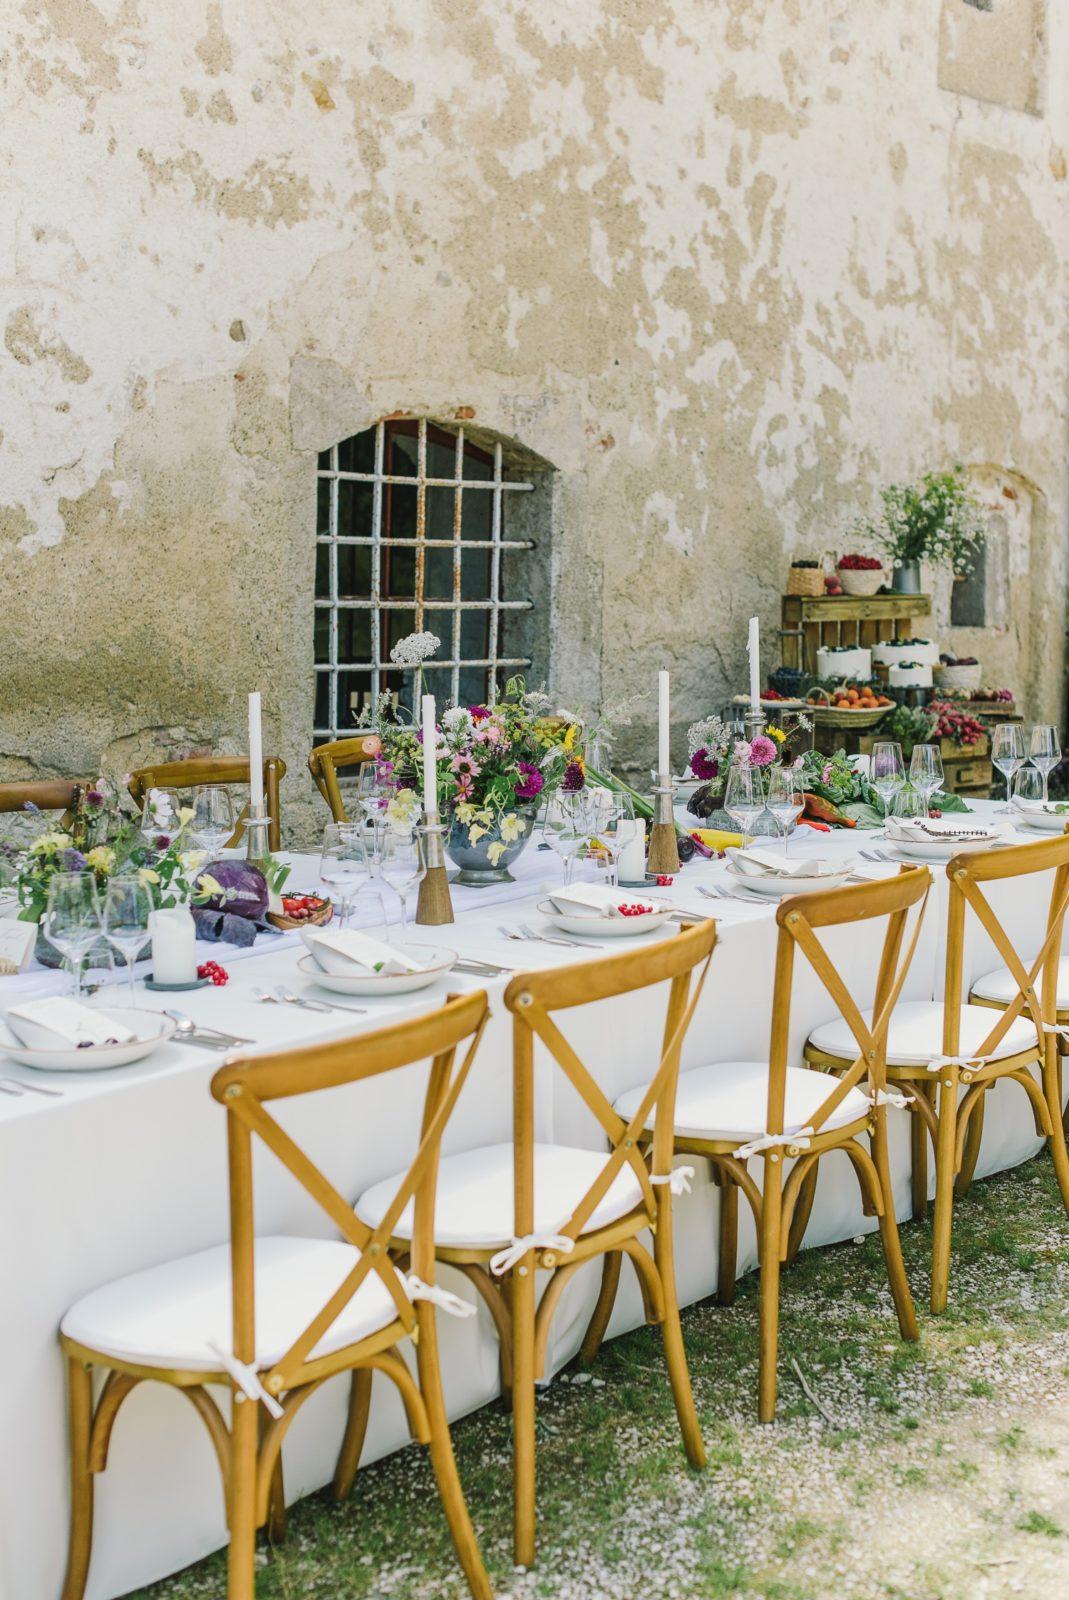 Hochzeitstafel-nachhaltig-dekoriert-